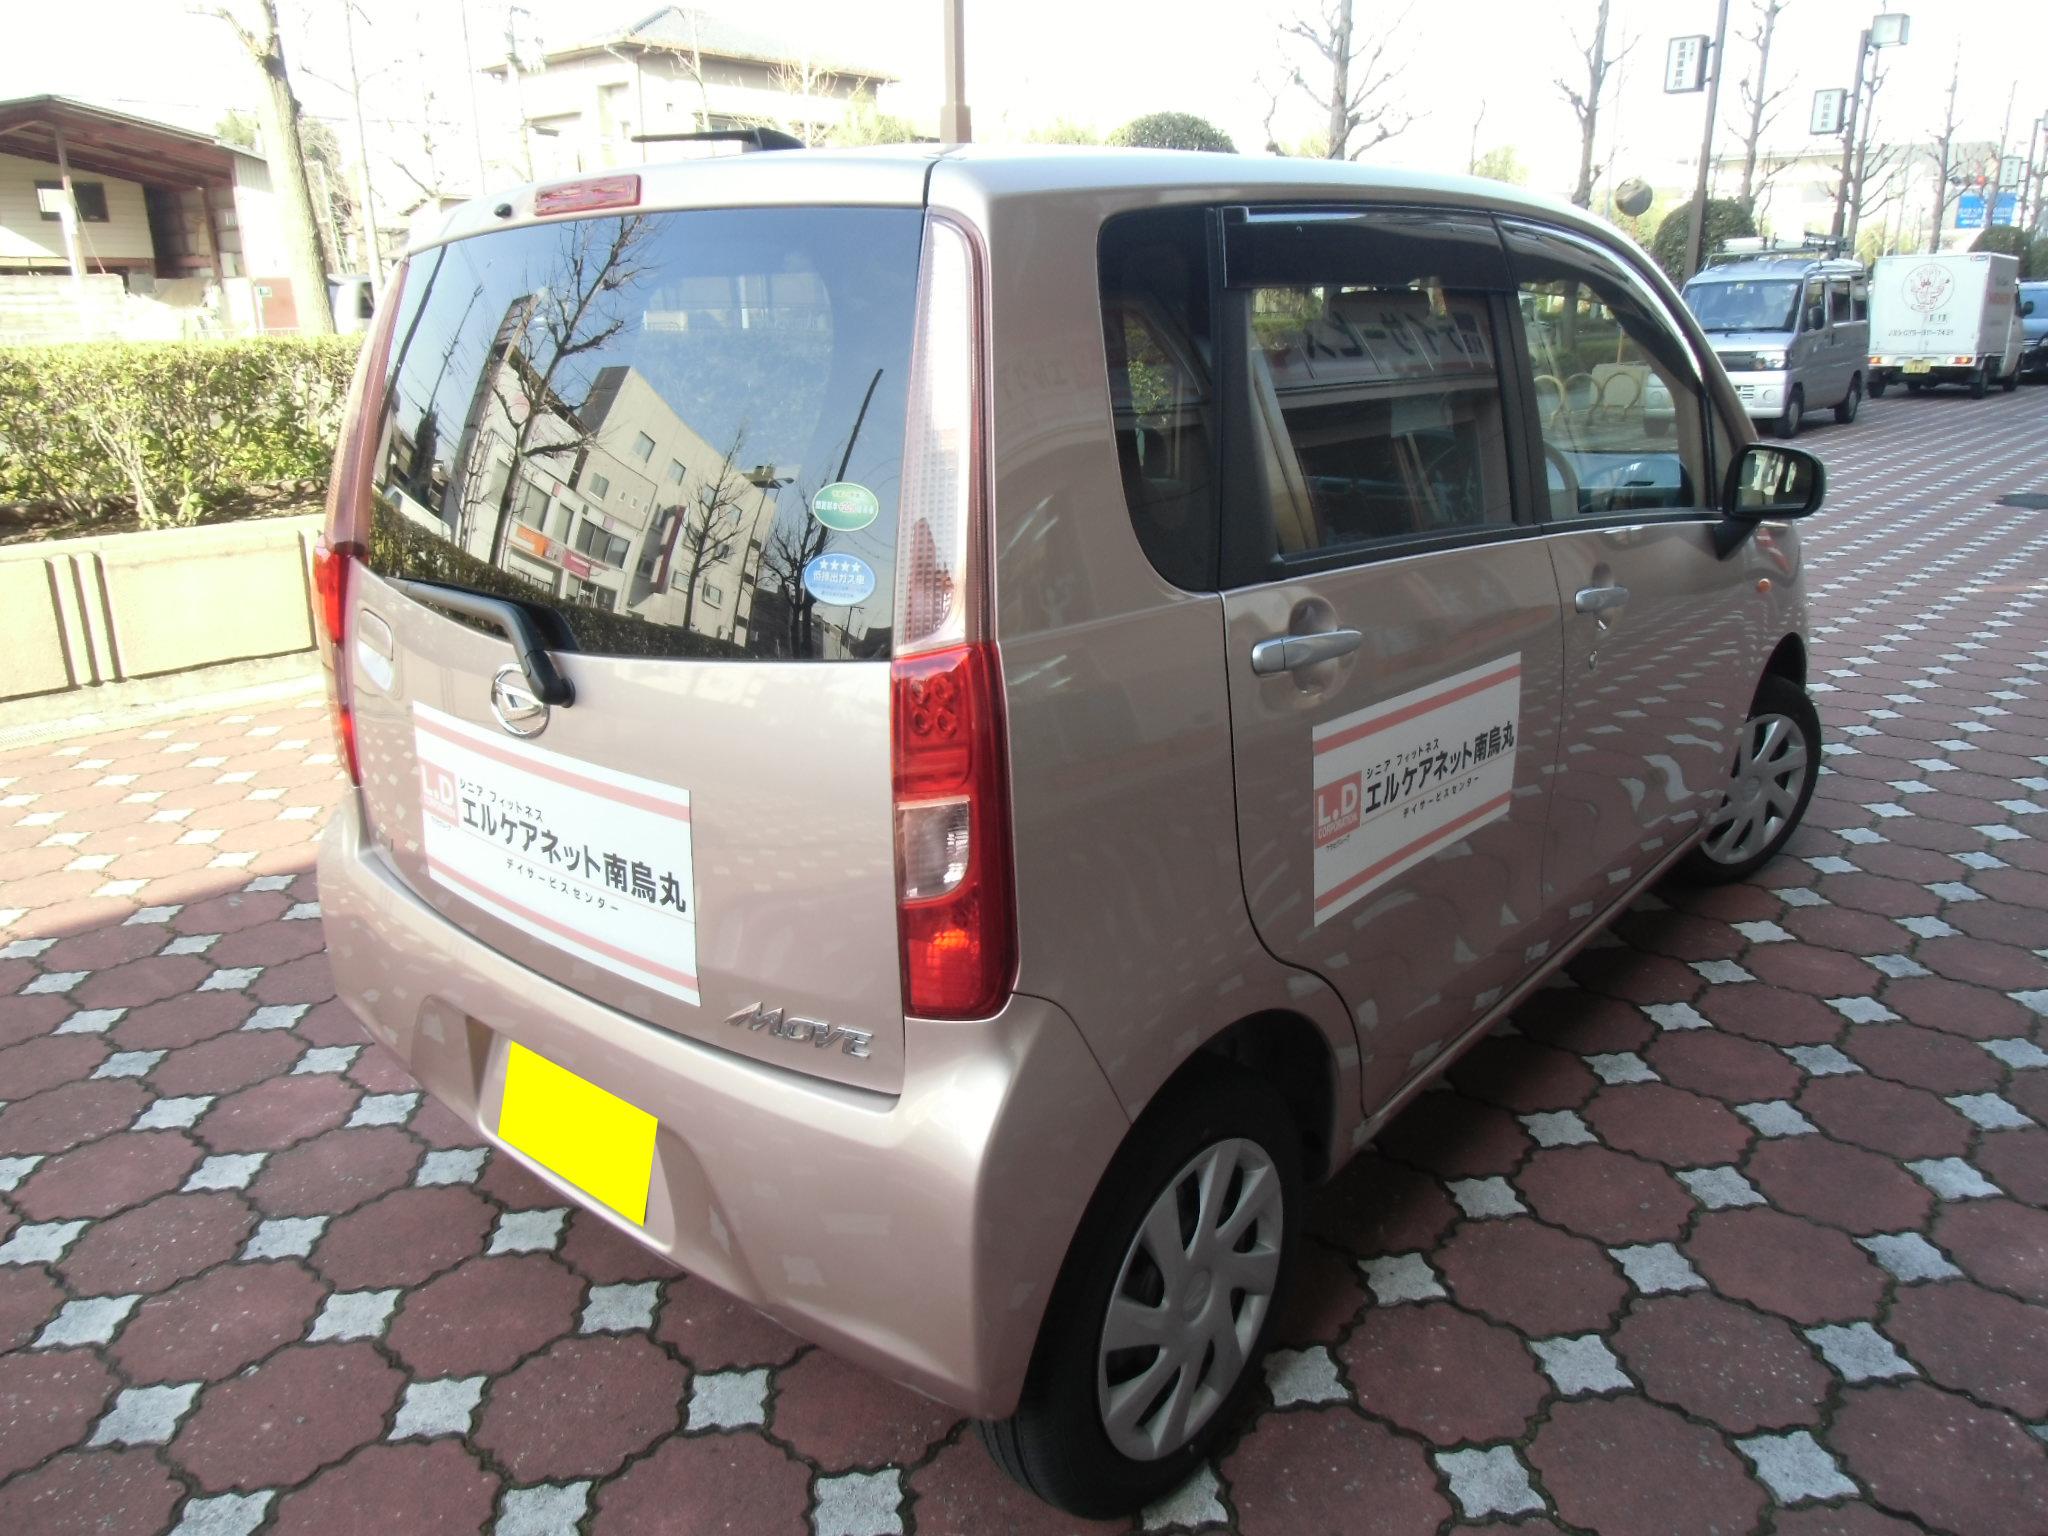 京都府の「エルケアネット南烏丸デイサービスセンター」様より車用マグネットシートのご注文をいただきました。